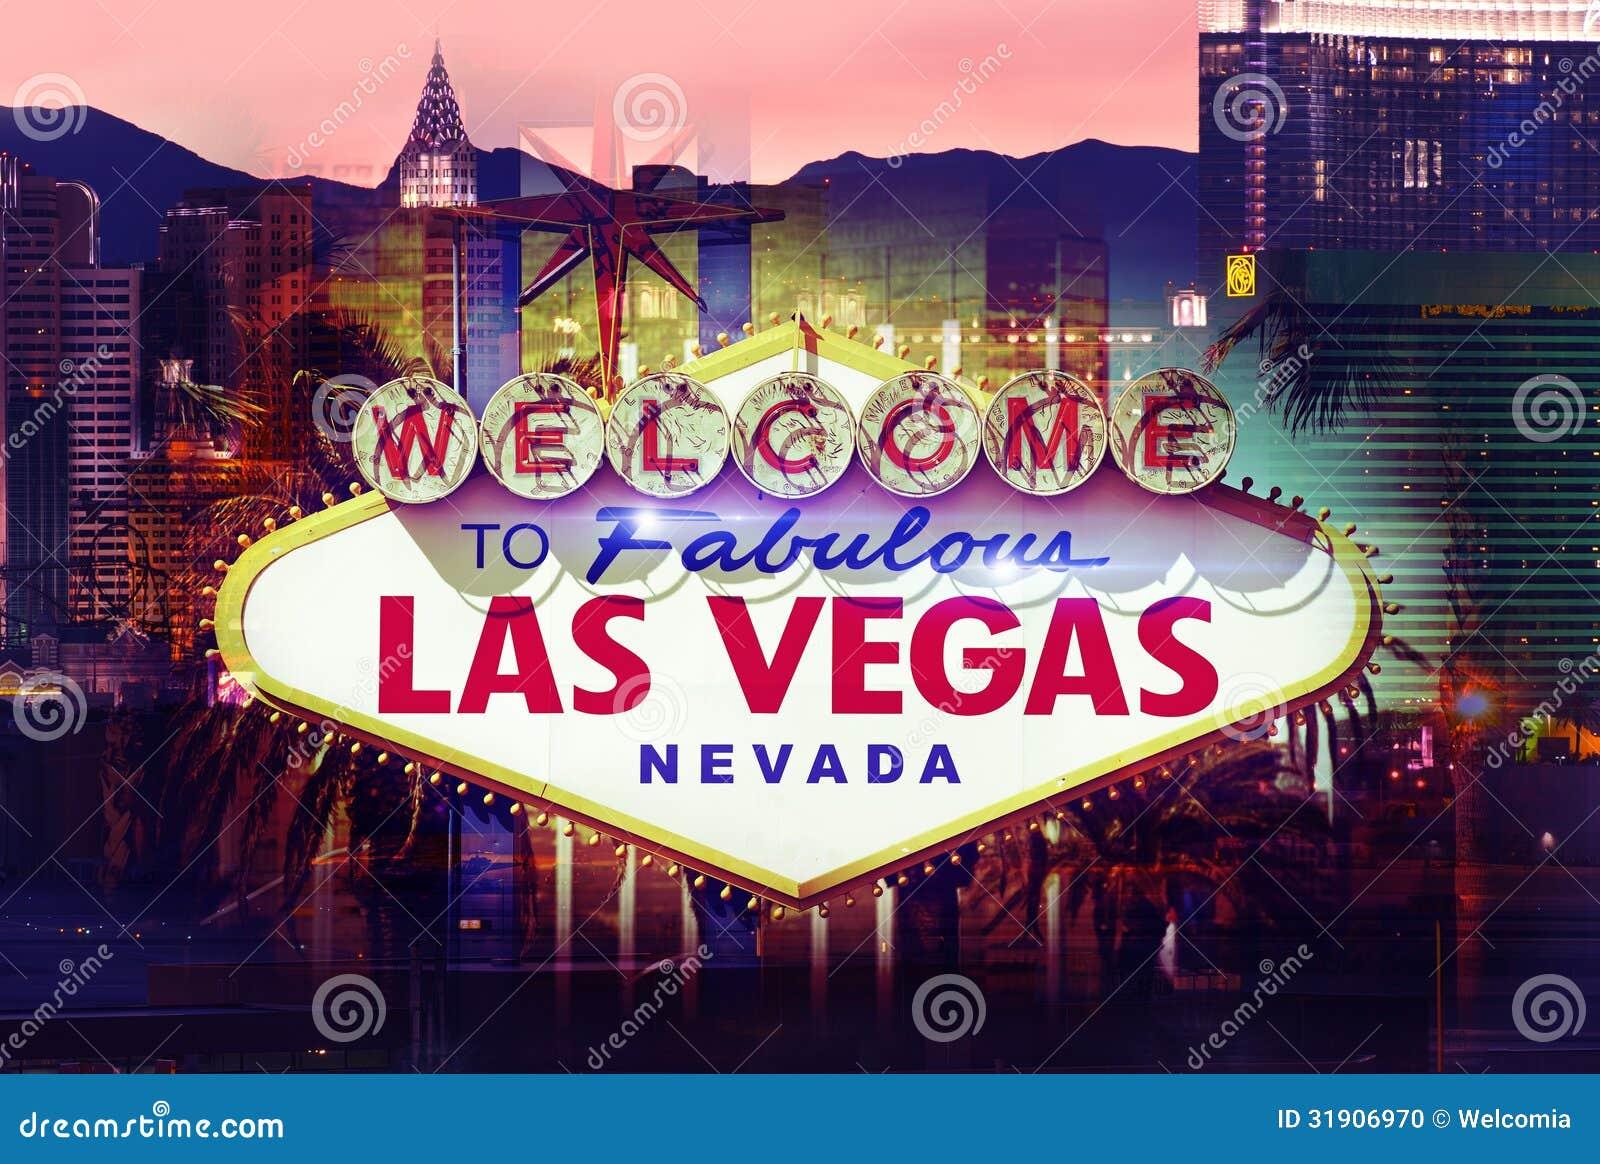 Accueil à Las Vegas